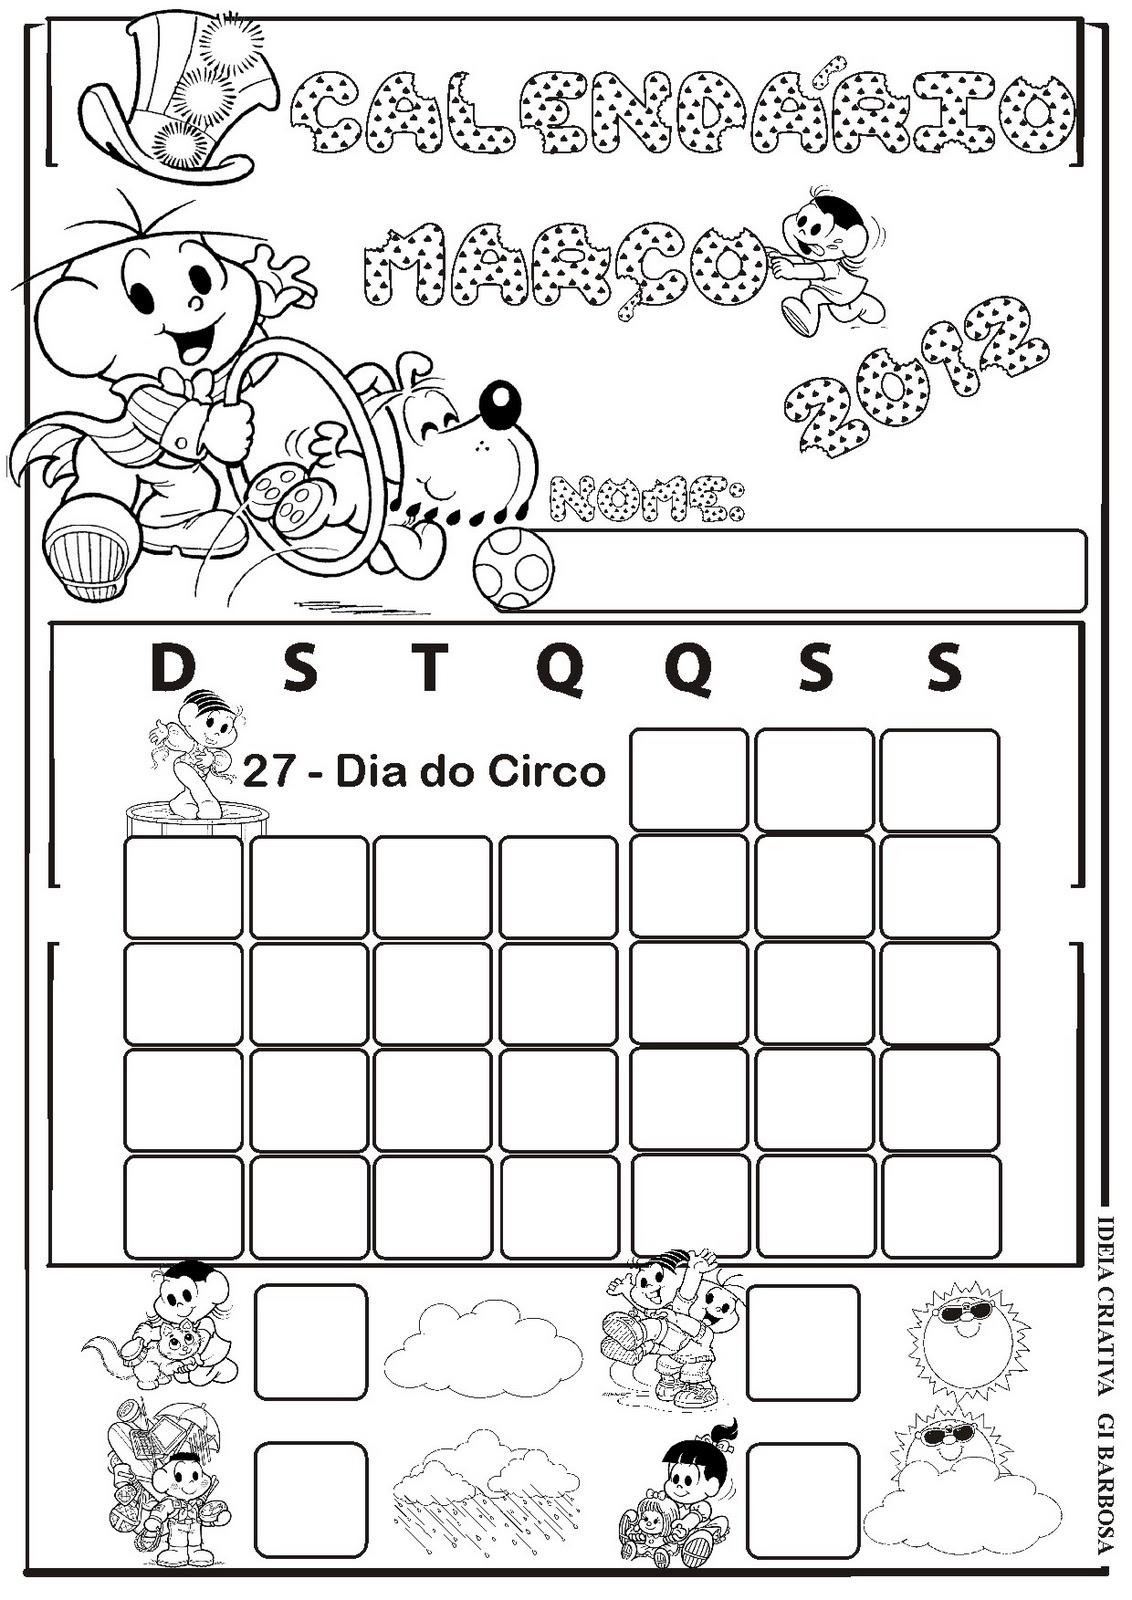 ... de elaborar os calendários de março 2012 turma da mônica pra